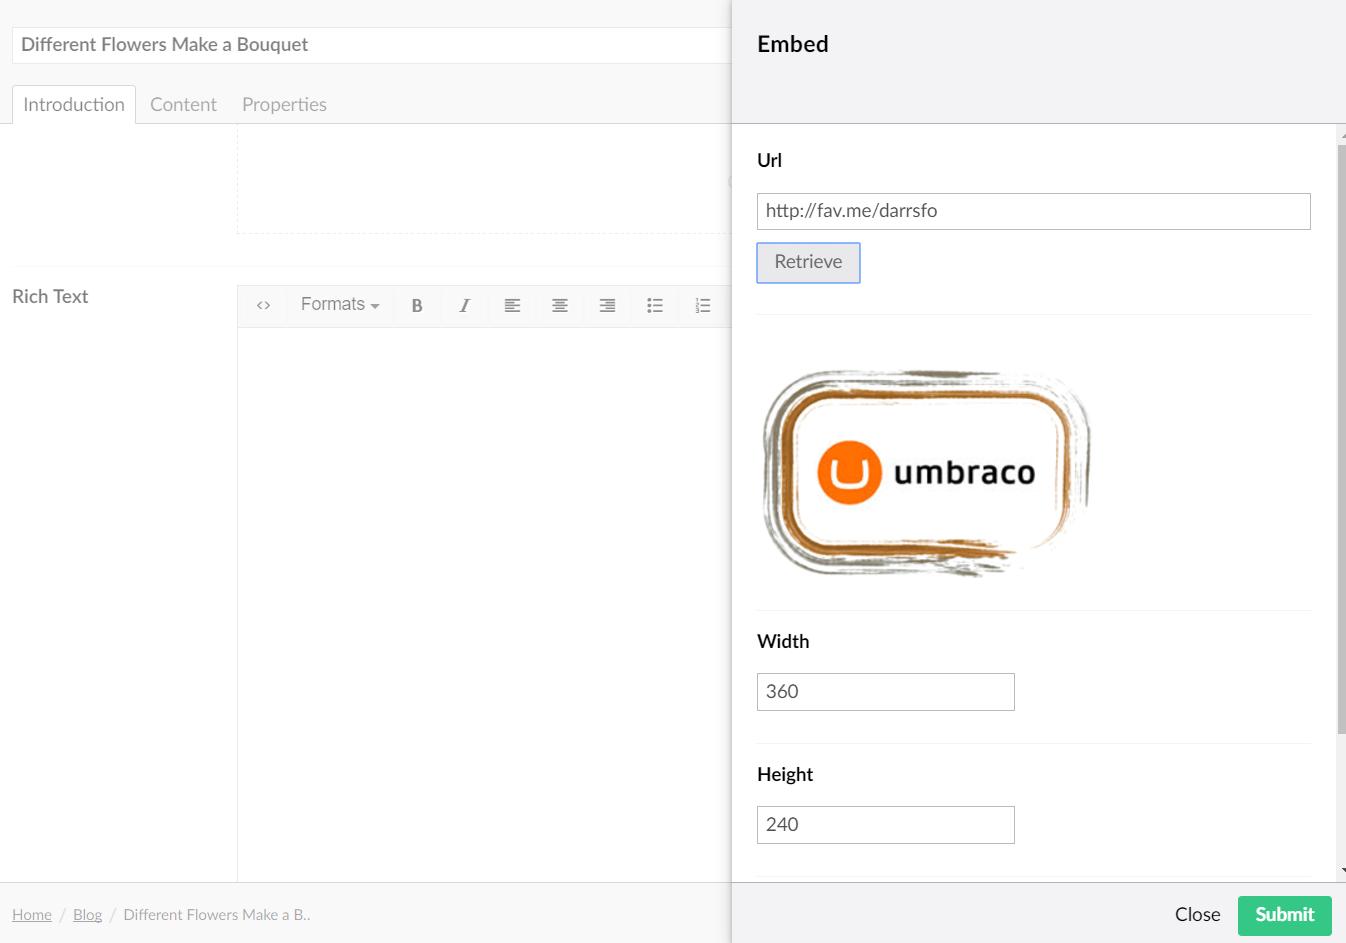 Embedded Media Provider, Extending - Our Umbraco